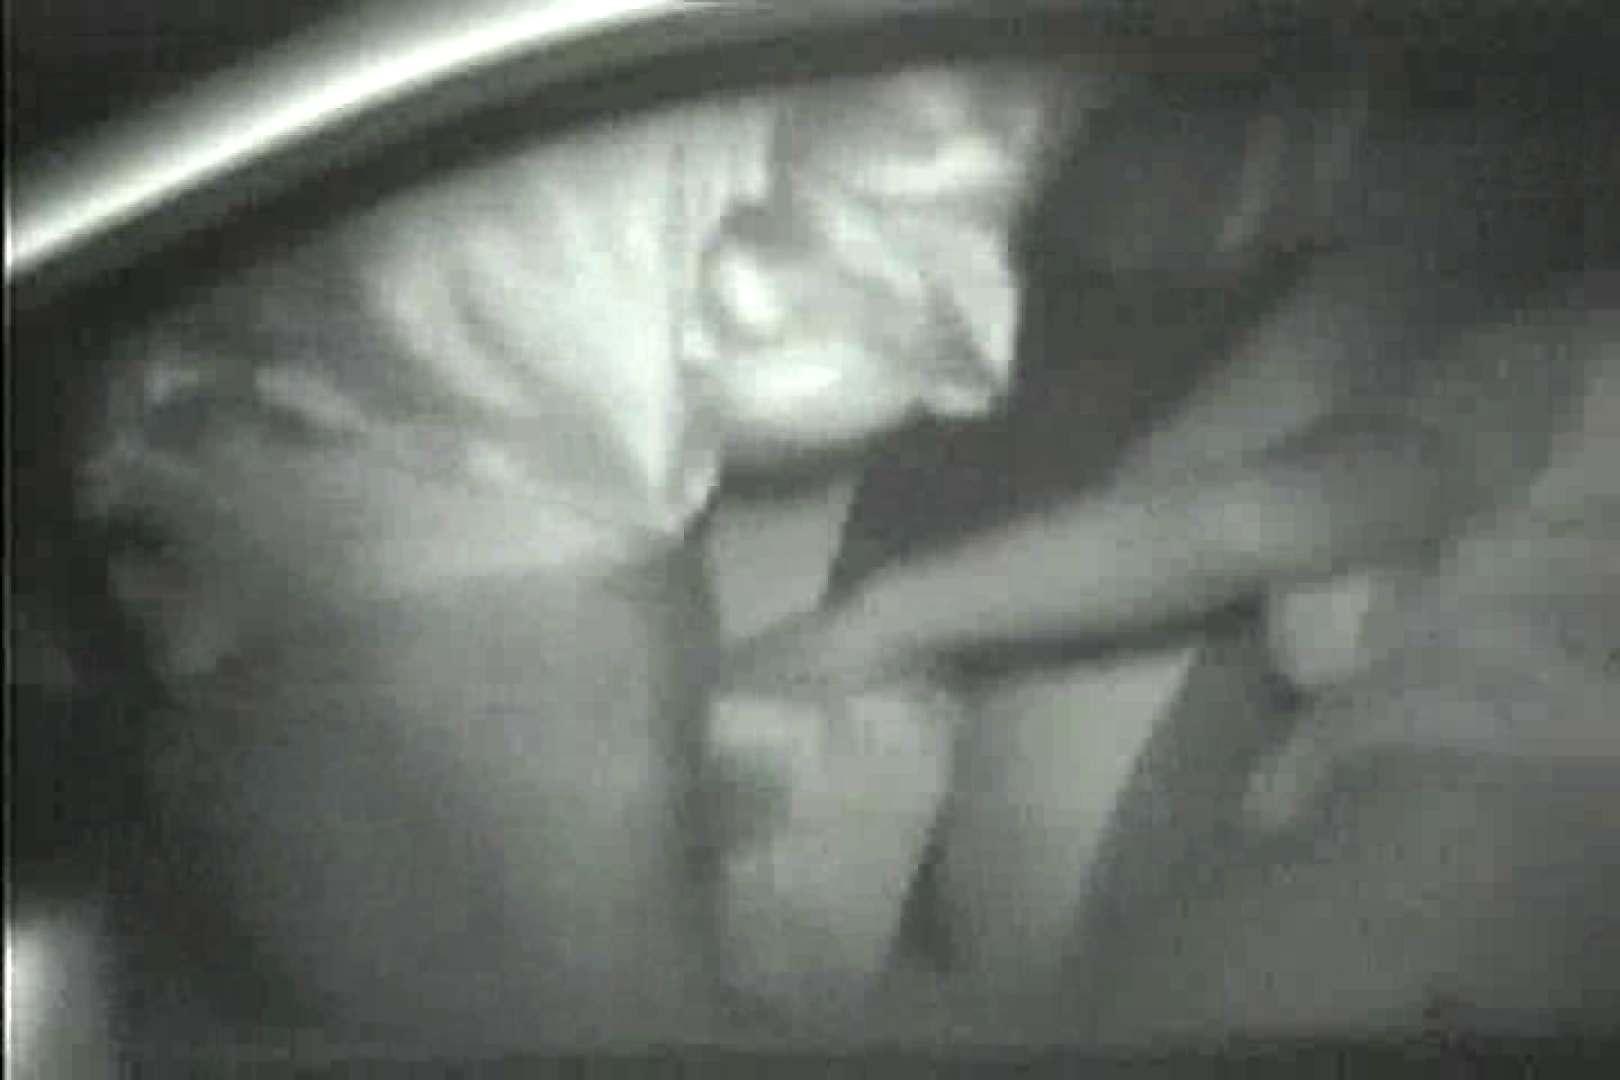 車の中はラブホテル 無修正版  Vol.9 美女OL オメコ無修正動画無料 88連発 17